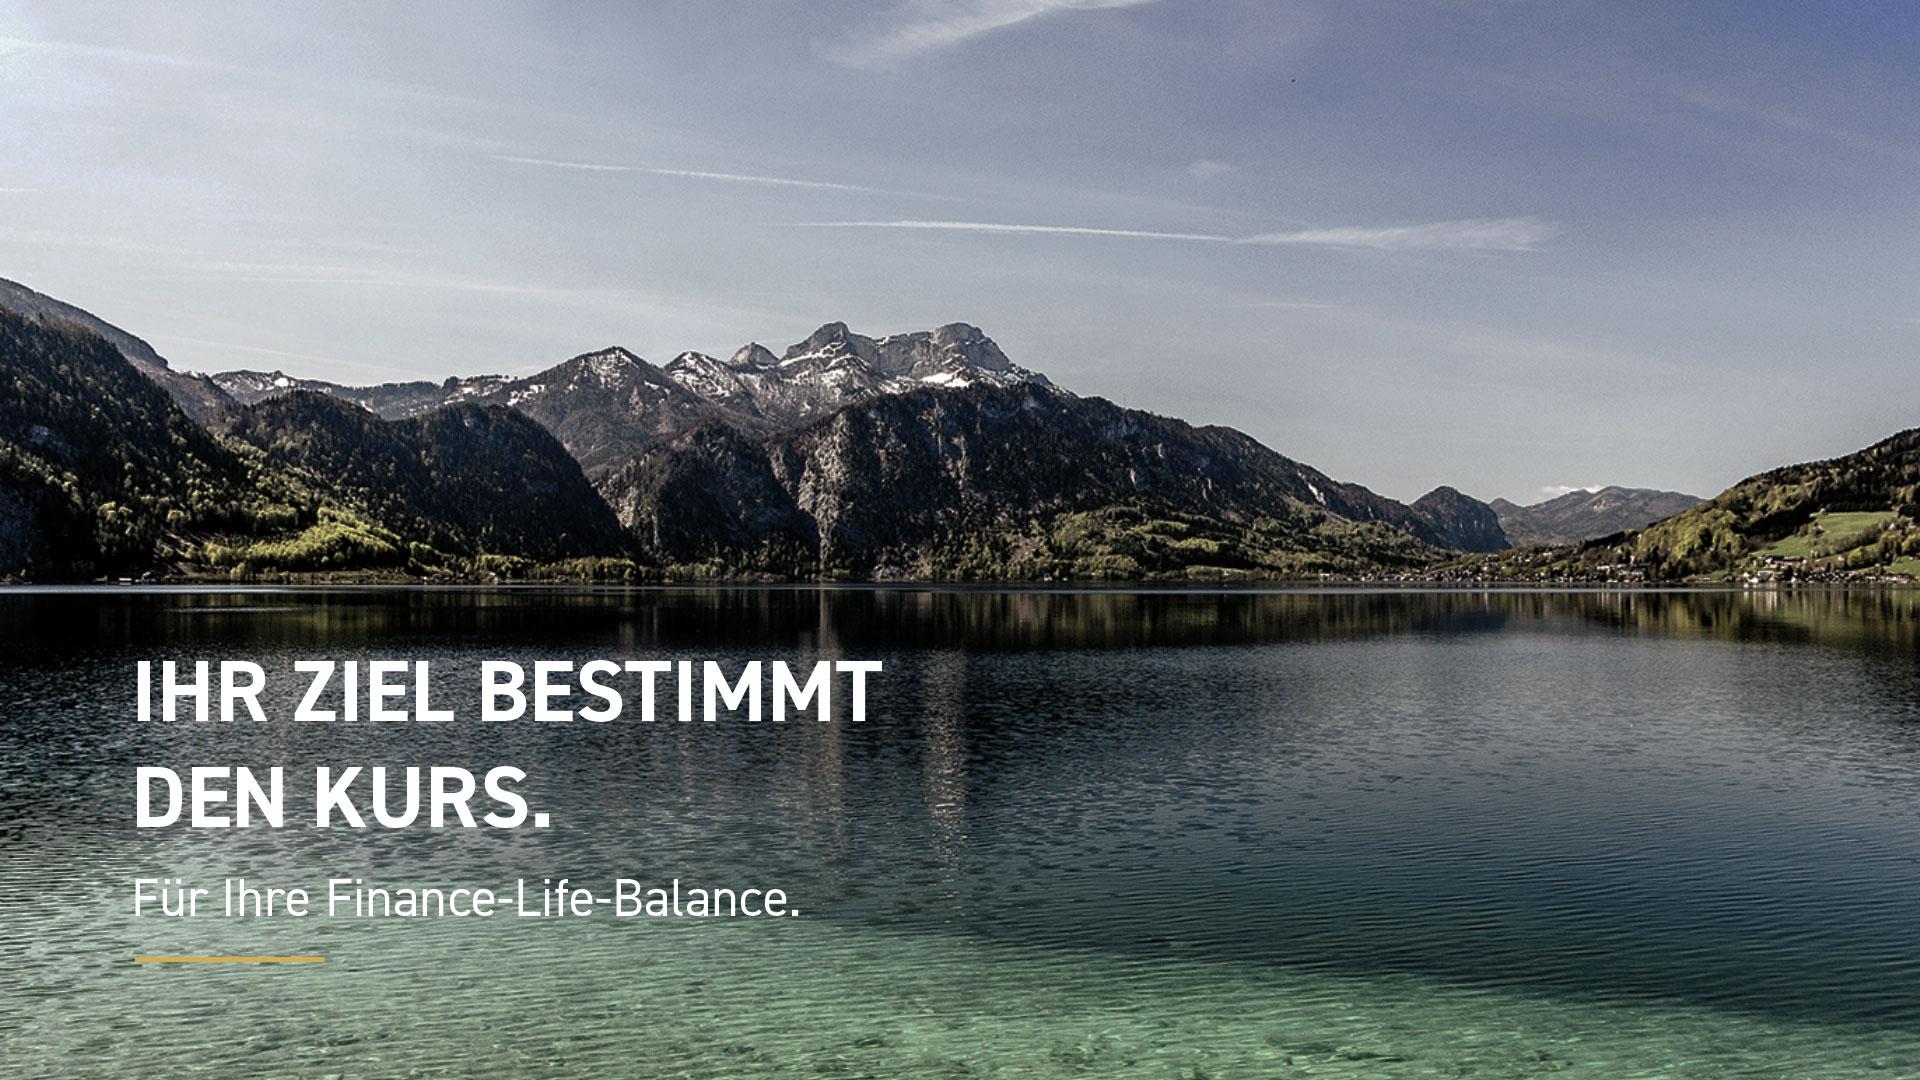 Attersee mit dem Slogan Ihr Ziel bestimmt den Kurs. Für Ihre Finance-Life-Balance von L&M Investment